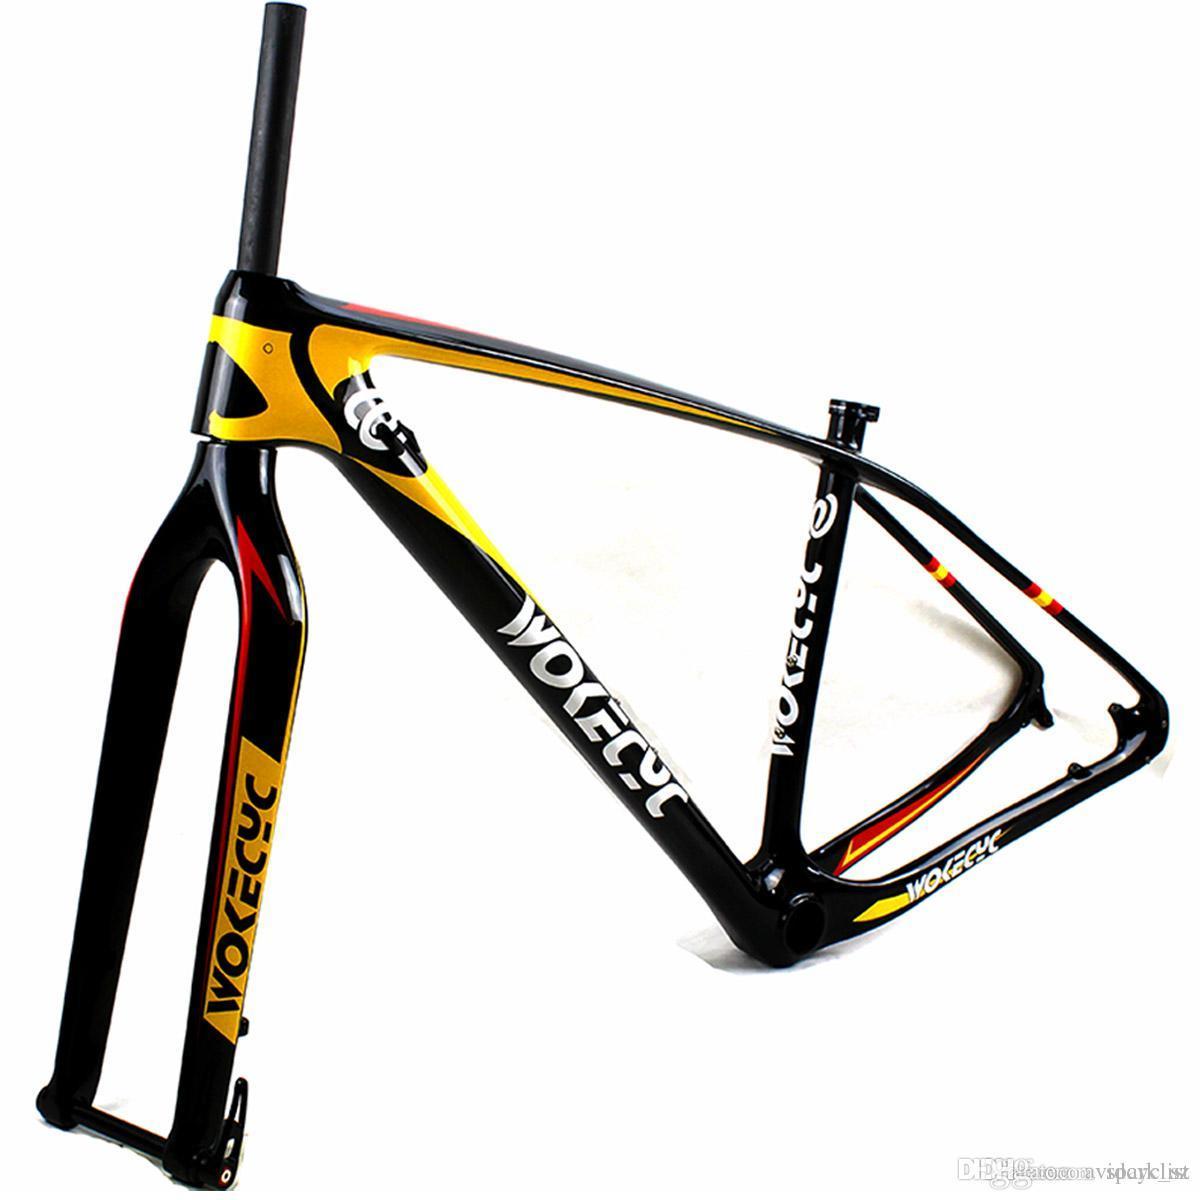 MTB 탄소 프레임 29er 프런트 포크와 함께 100 * 15mm 자전거 프레임 셋 142x12 후면 액슬 탄소 자전거 산 프레임 호환 135x9